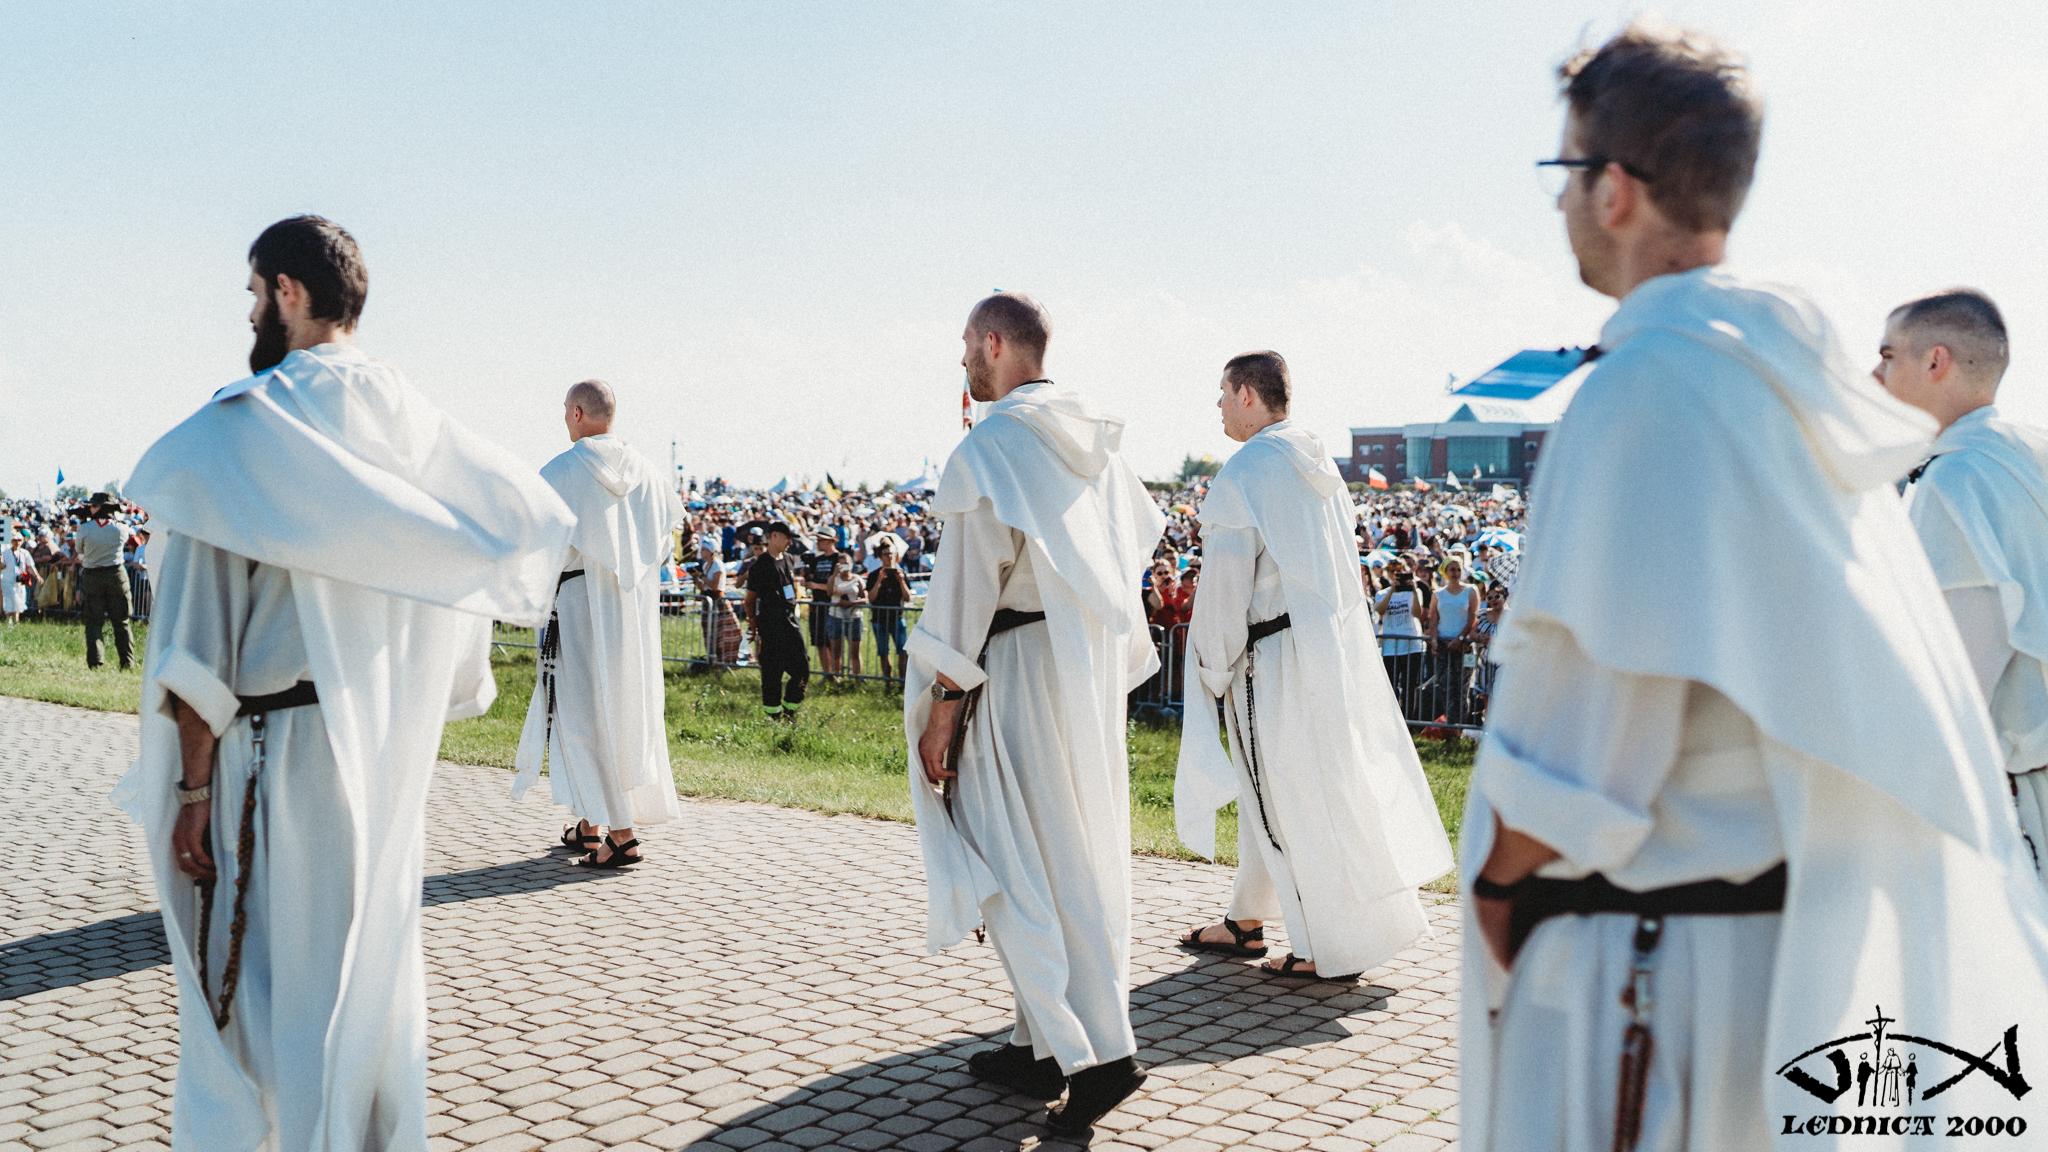 Jesienne rekolekcje dla księży na Polach Lednickich